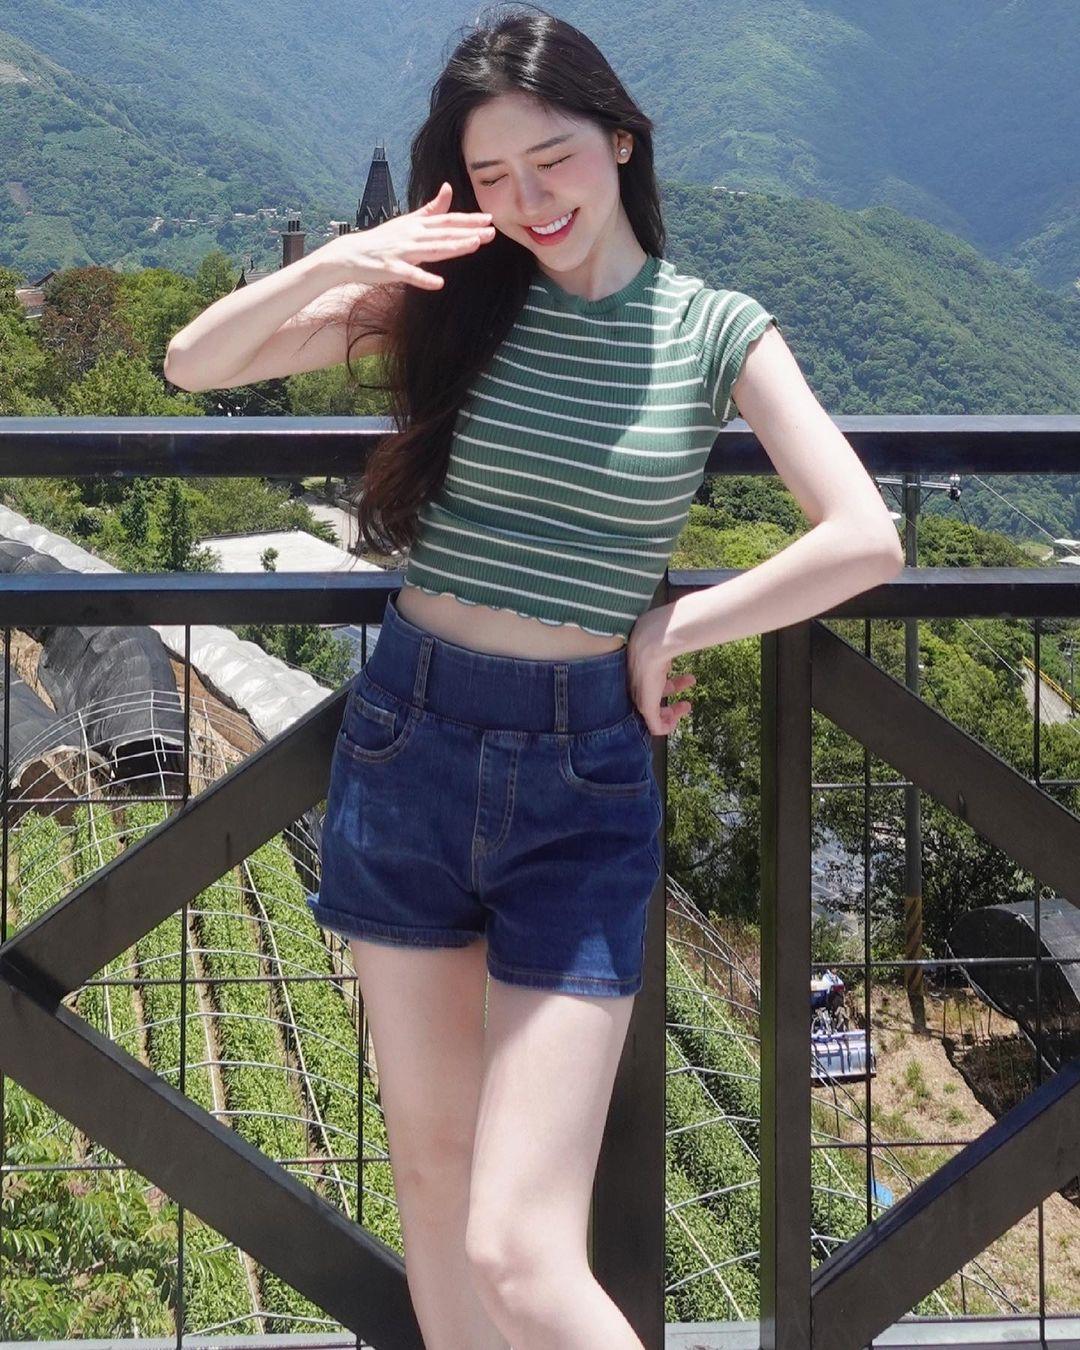 馬來西亞網紅張安琪 初戀女友FUE超甜美 - 美女圖 -